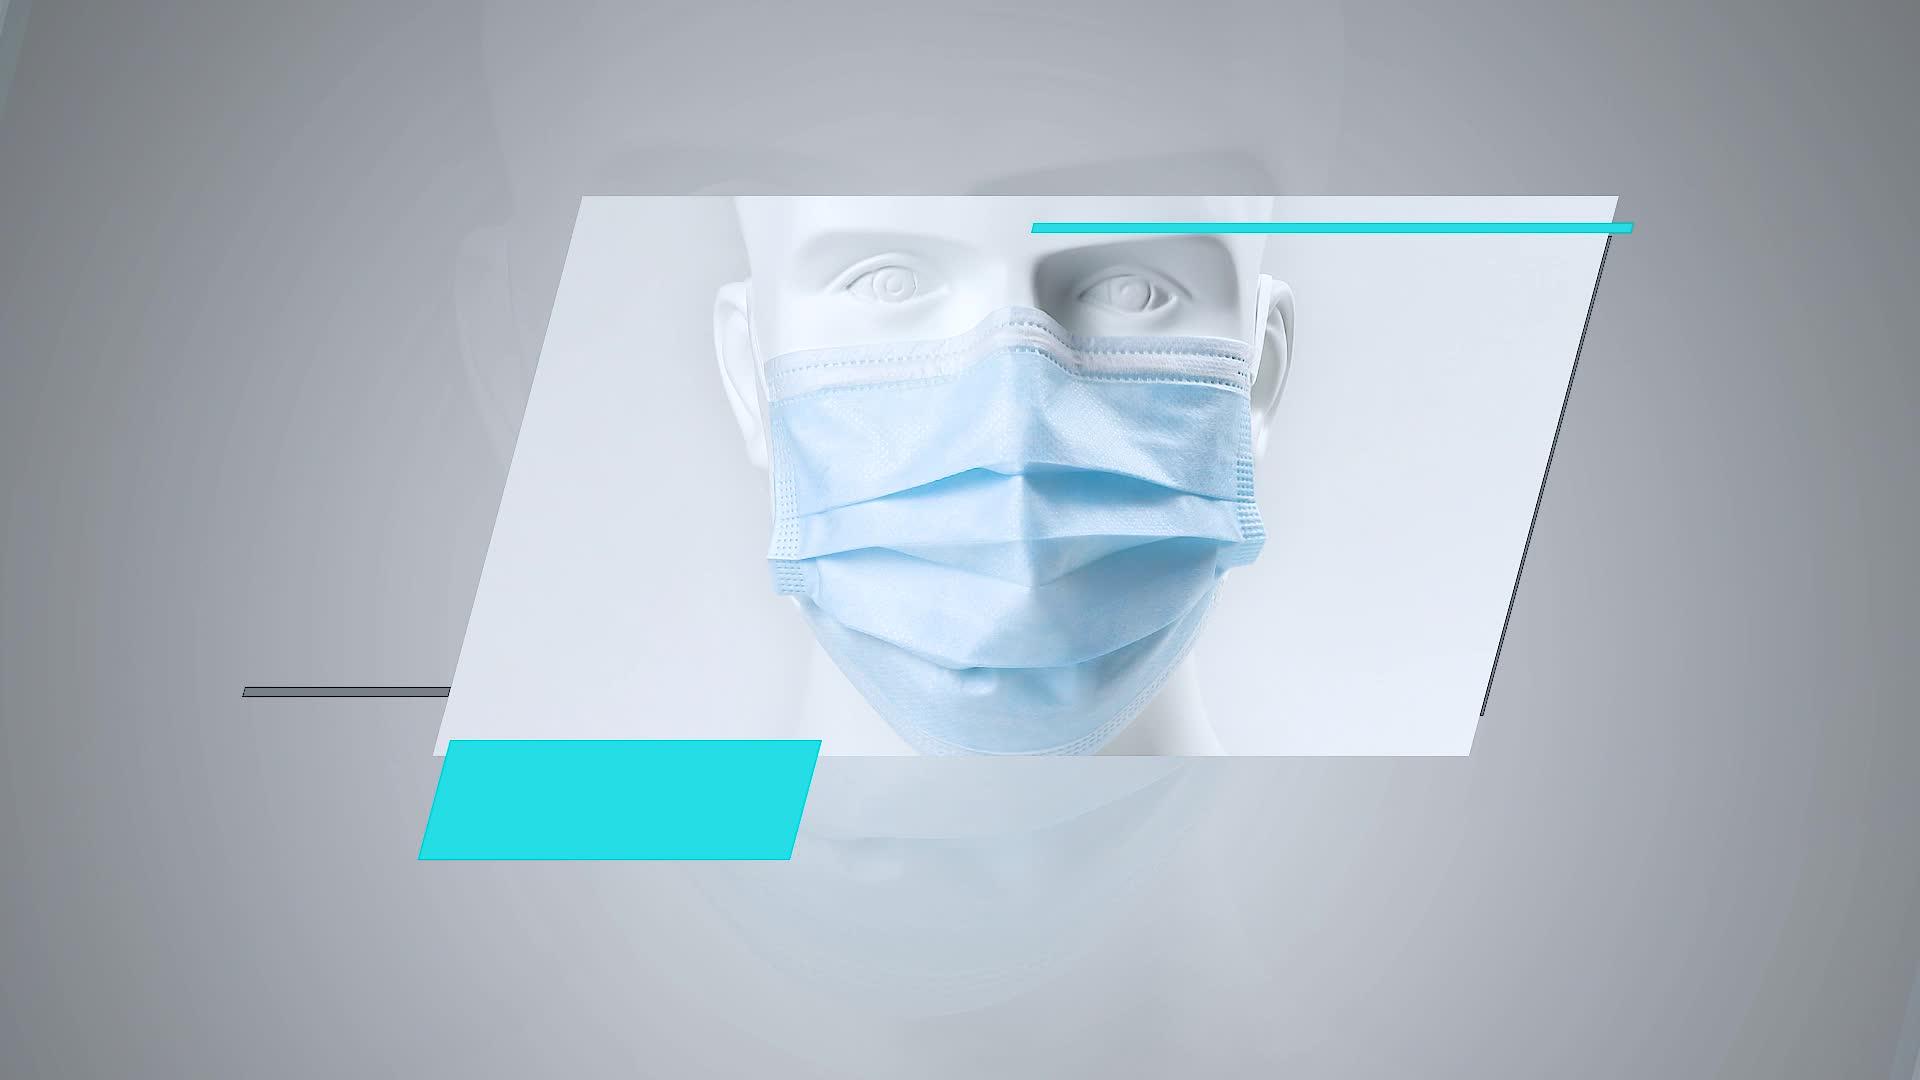 สินค้ายอดนิยมจมูกที่มีสีสันสำหรับ Face Mask สำหรับโรงพยาบาล